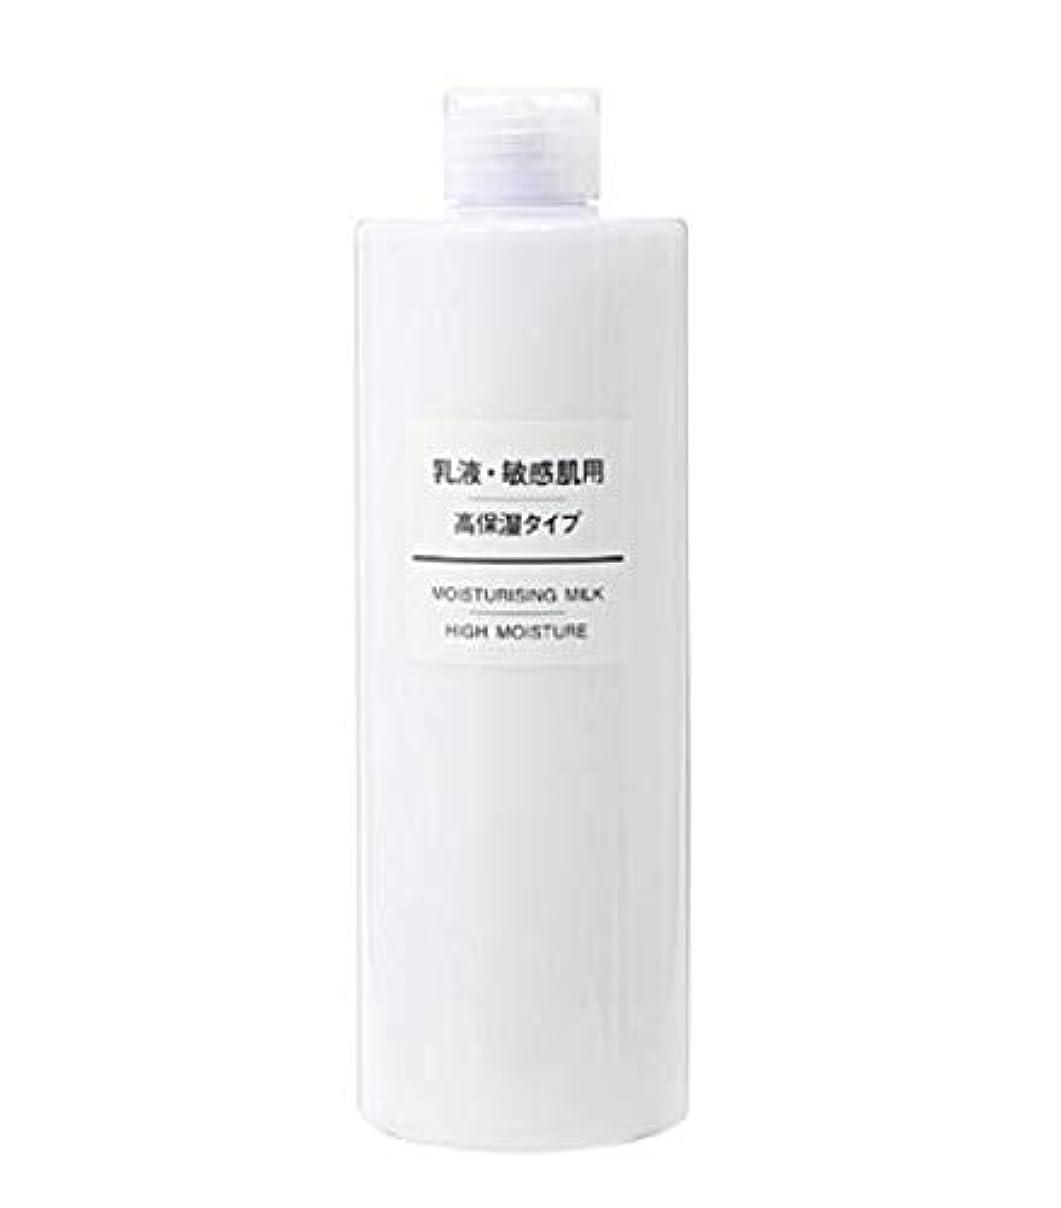 ローブバイソン観察する無印良品 乳液 敏感肌用 高保湿タイプ (大容量) 400ml